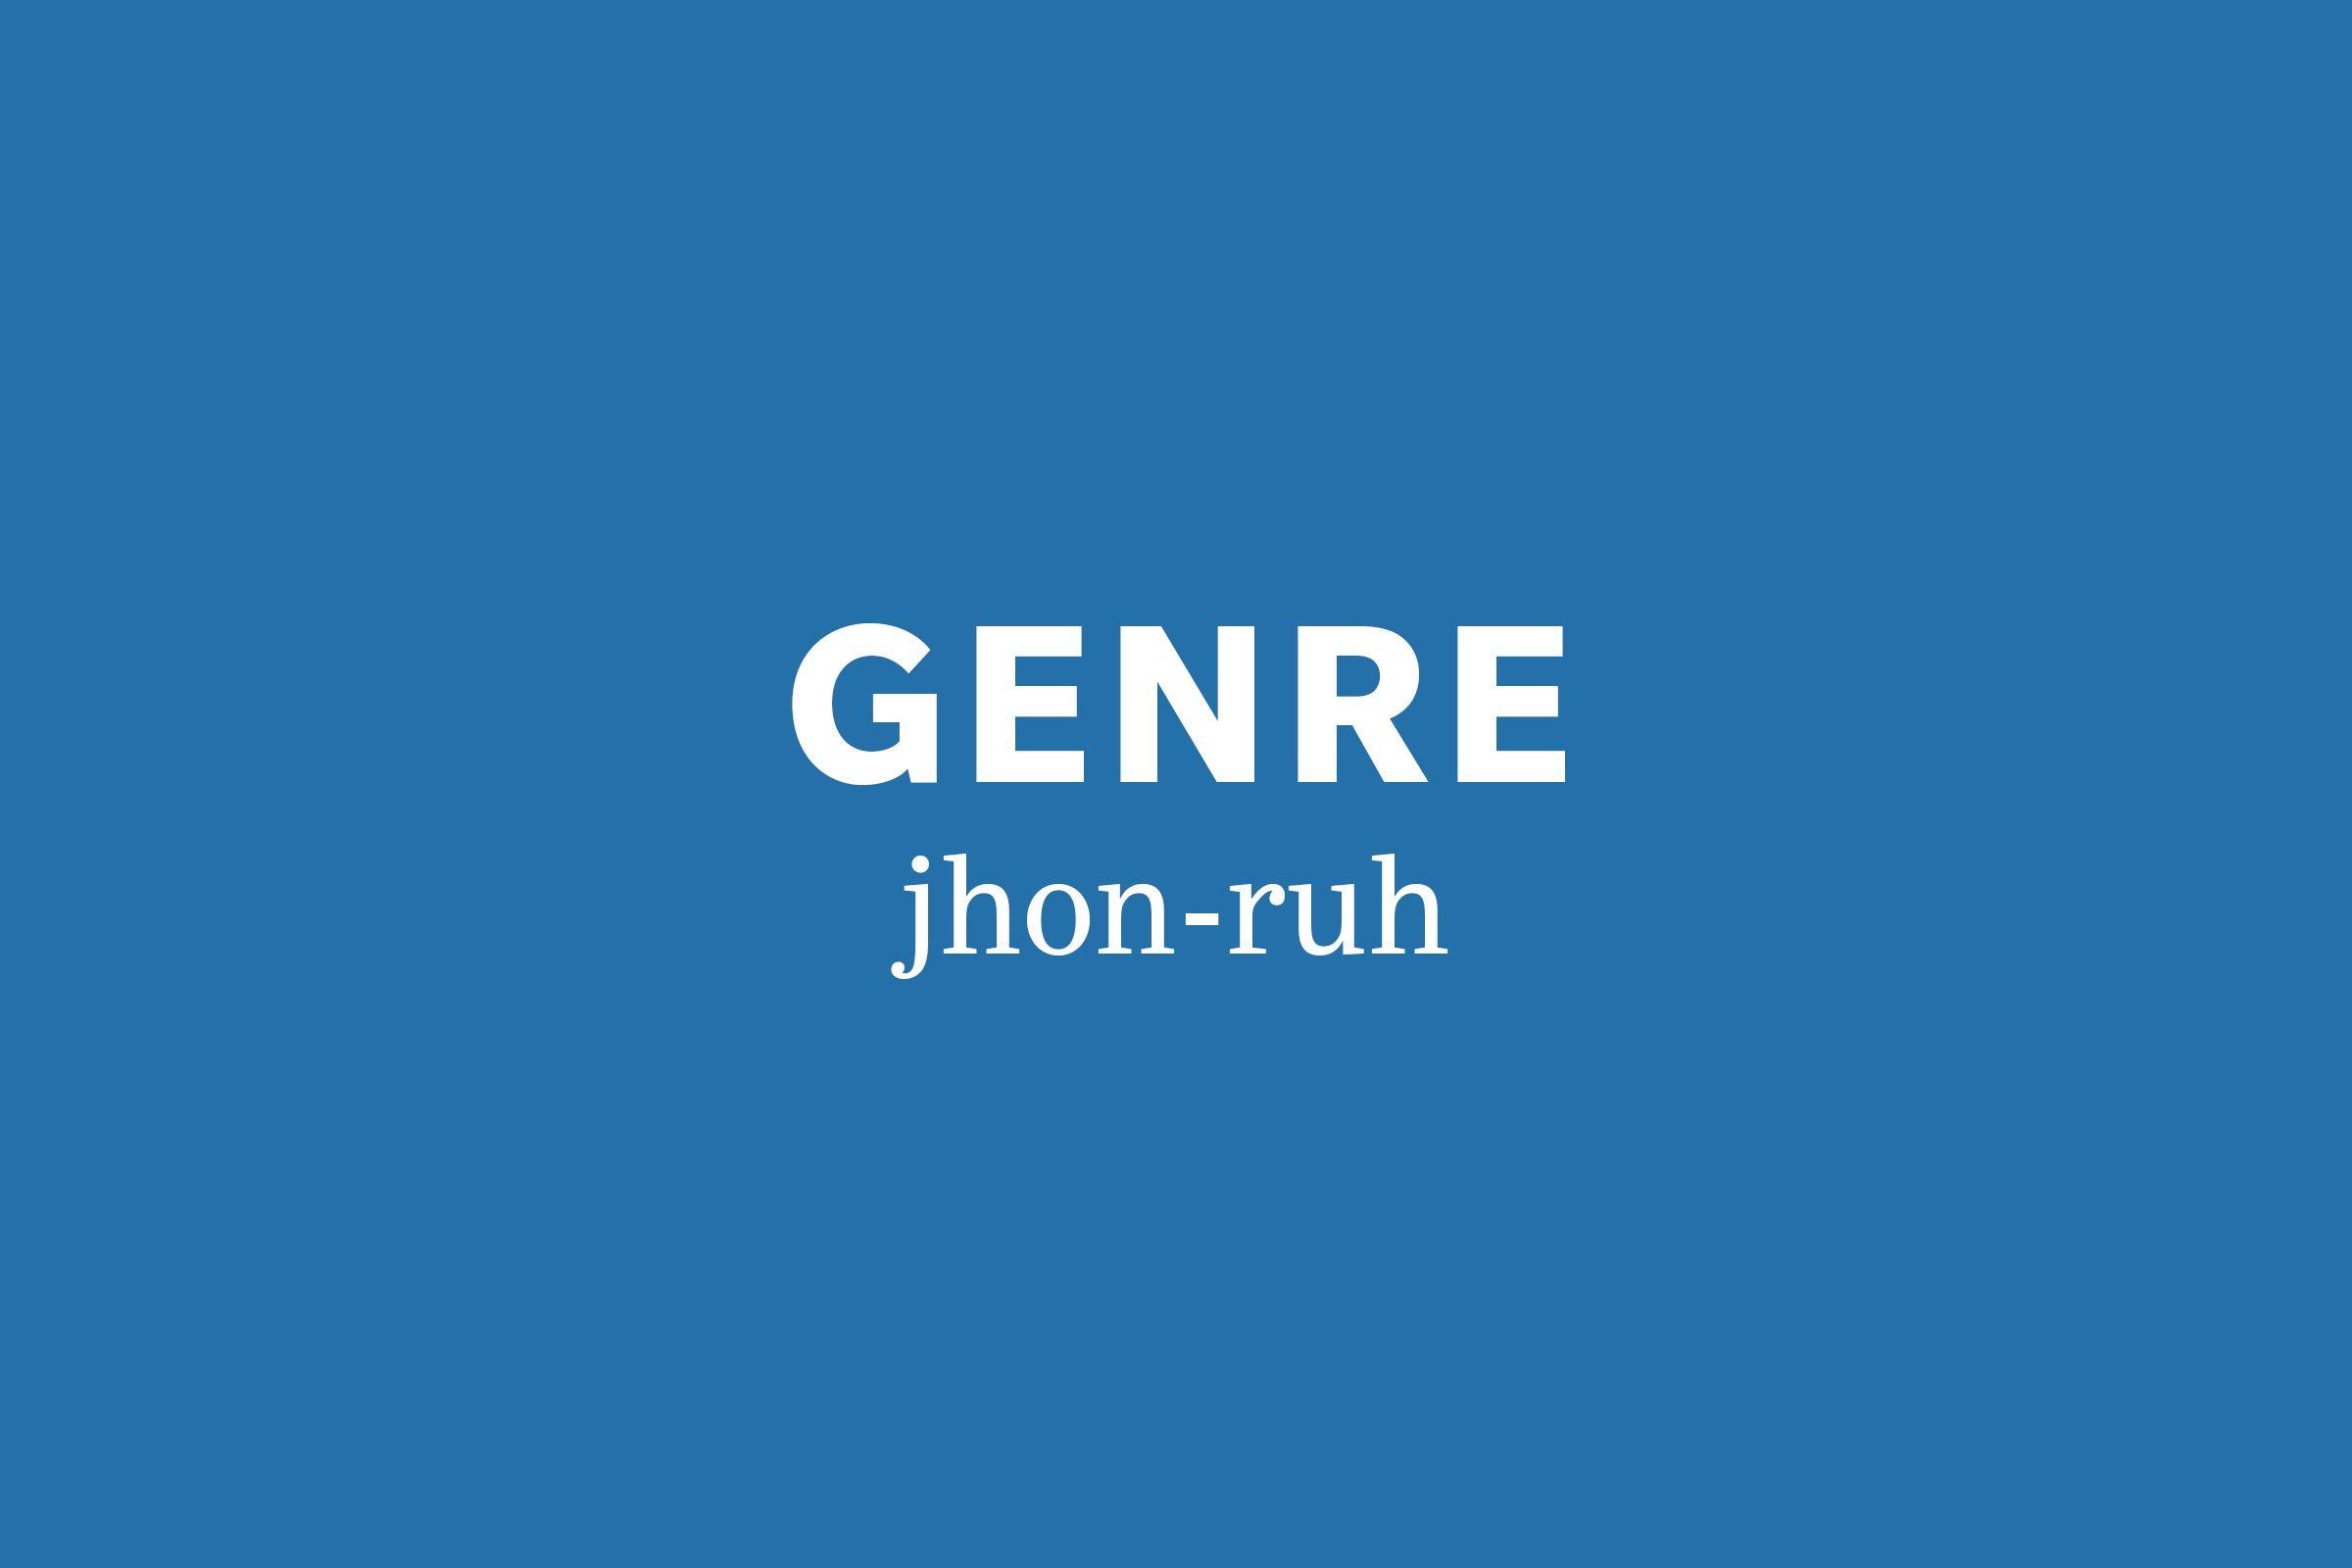 genre pronunciation